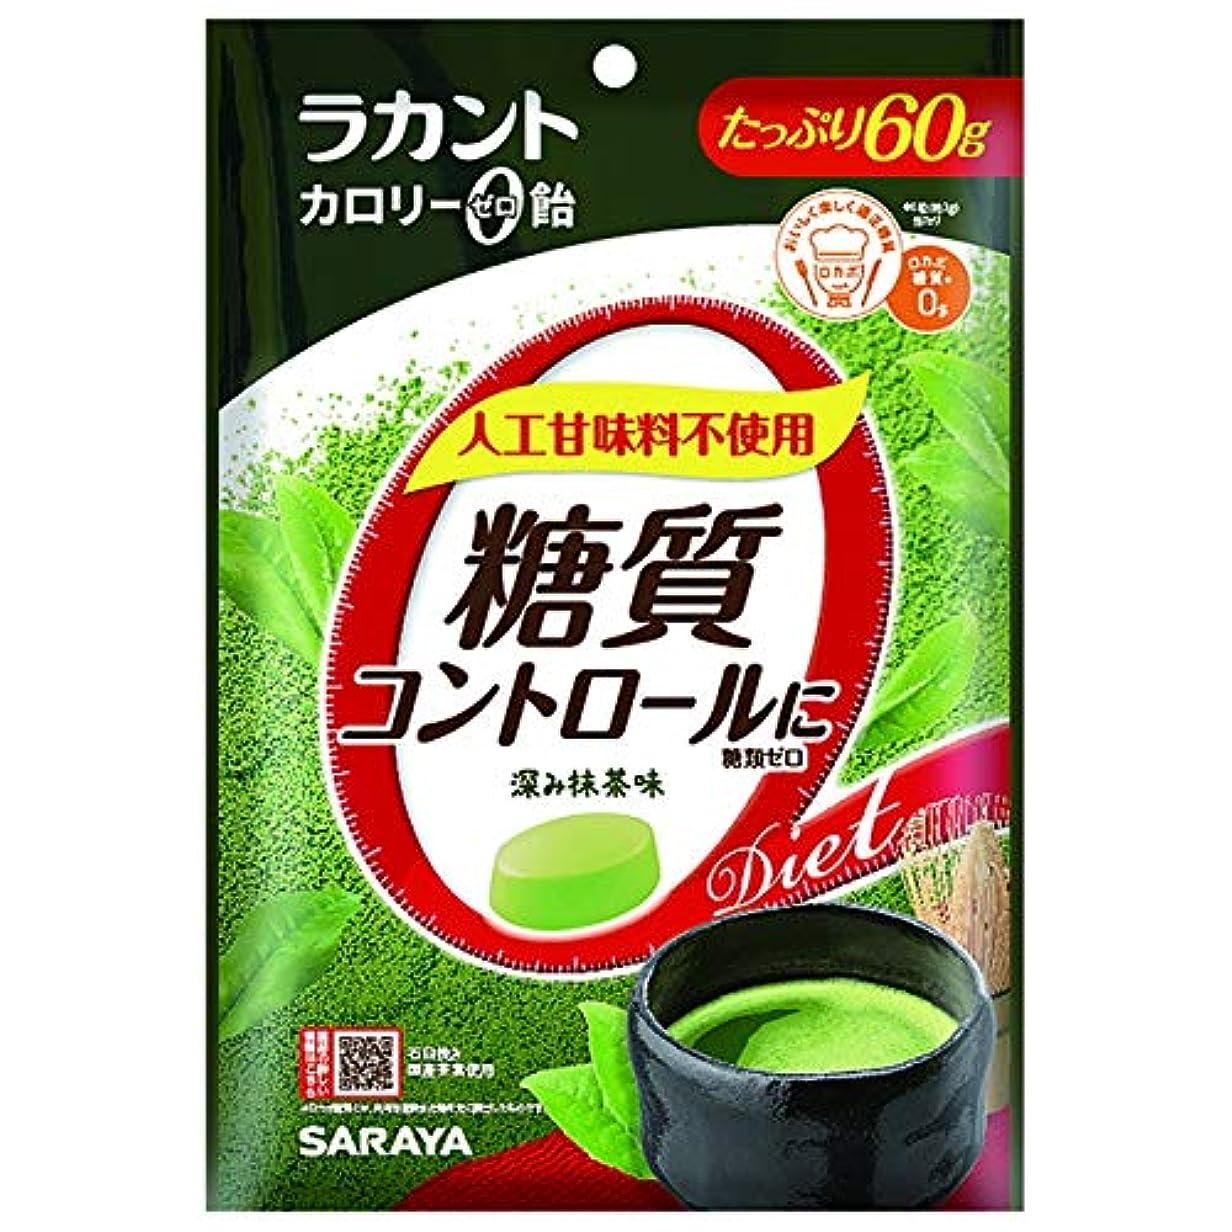 丘許可ファンタジーラカント カロリーゼロ飴 深み抹茶 60g【3個セット】